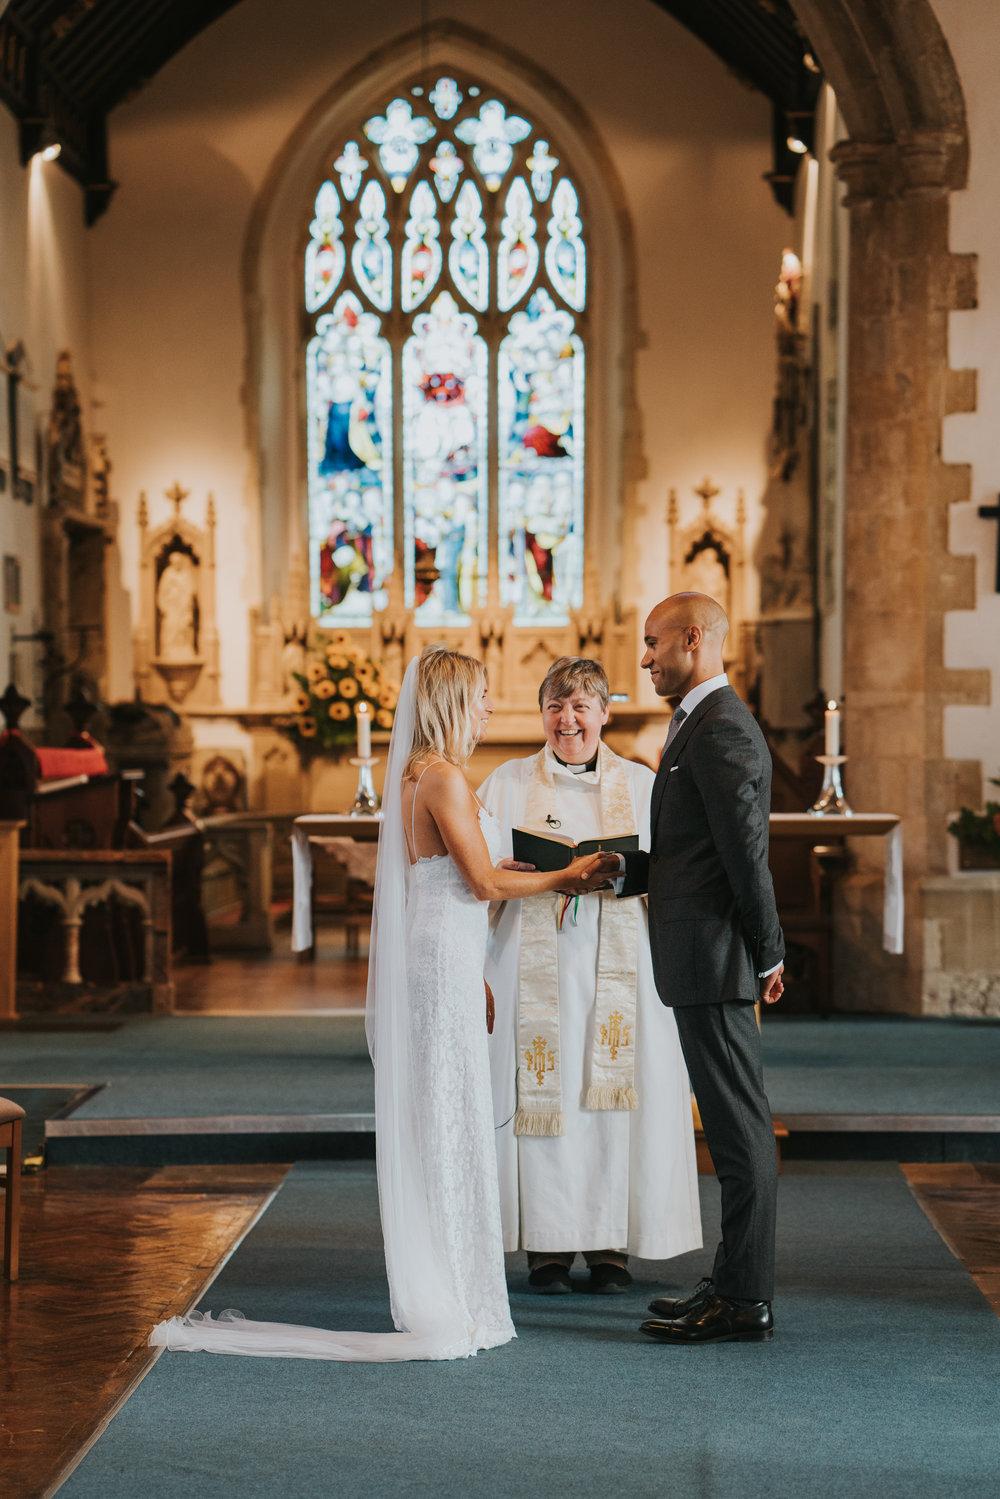 intimate-english-church-wedding-sarah-alex-colchester-essex-grace-elizabeth-colchester-essex-alternative-wedding-lifestyle-photographer-essex-suffolk-norfolk-devon (46 of 92).jpg